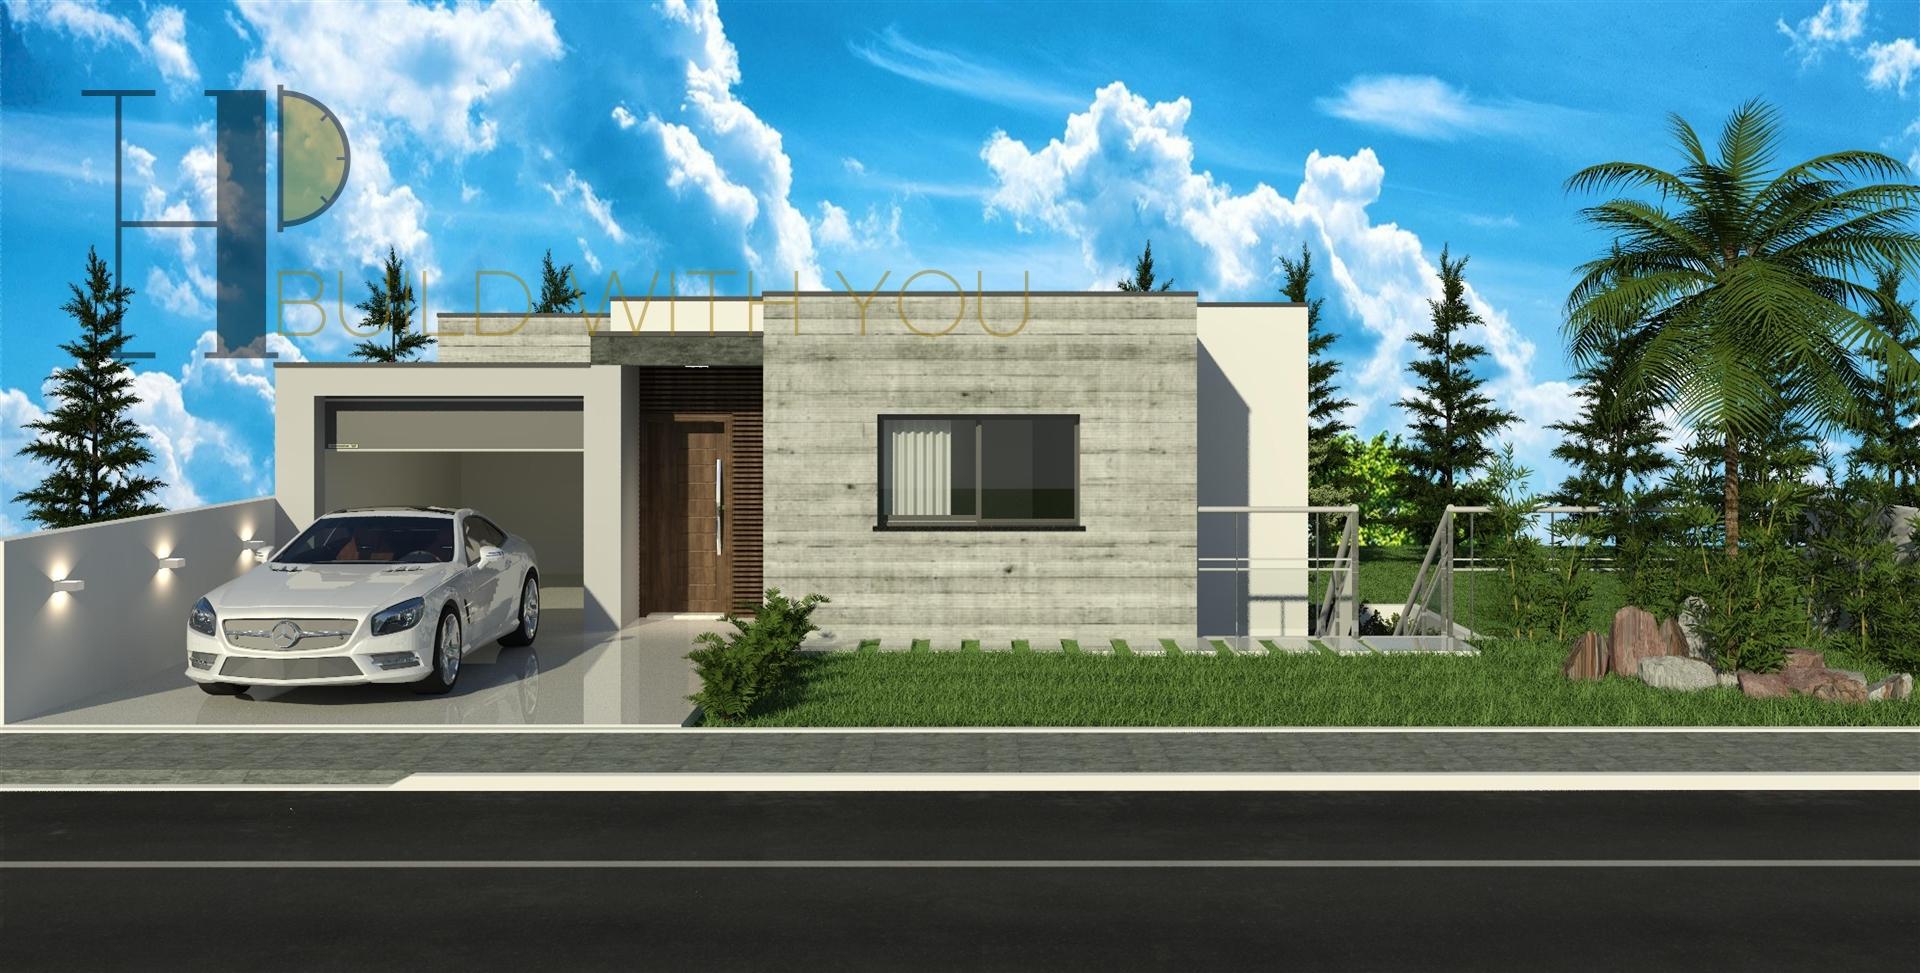 Implex G - Moradia T3  – ideal em terrenos inclinados